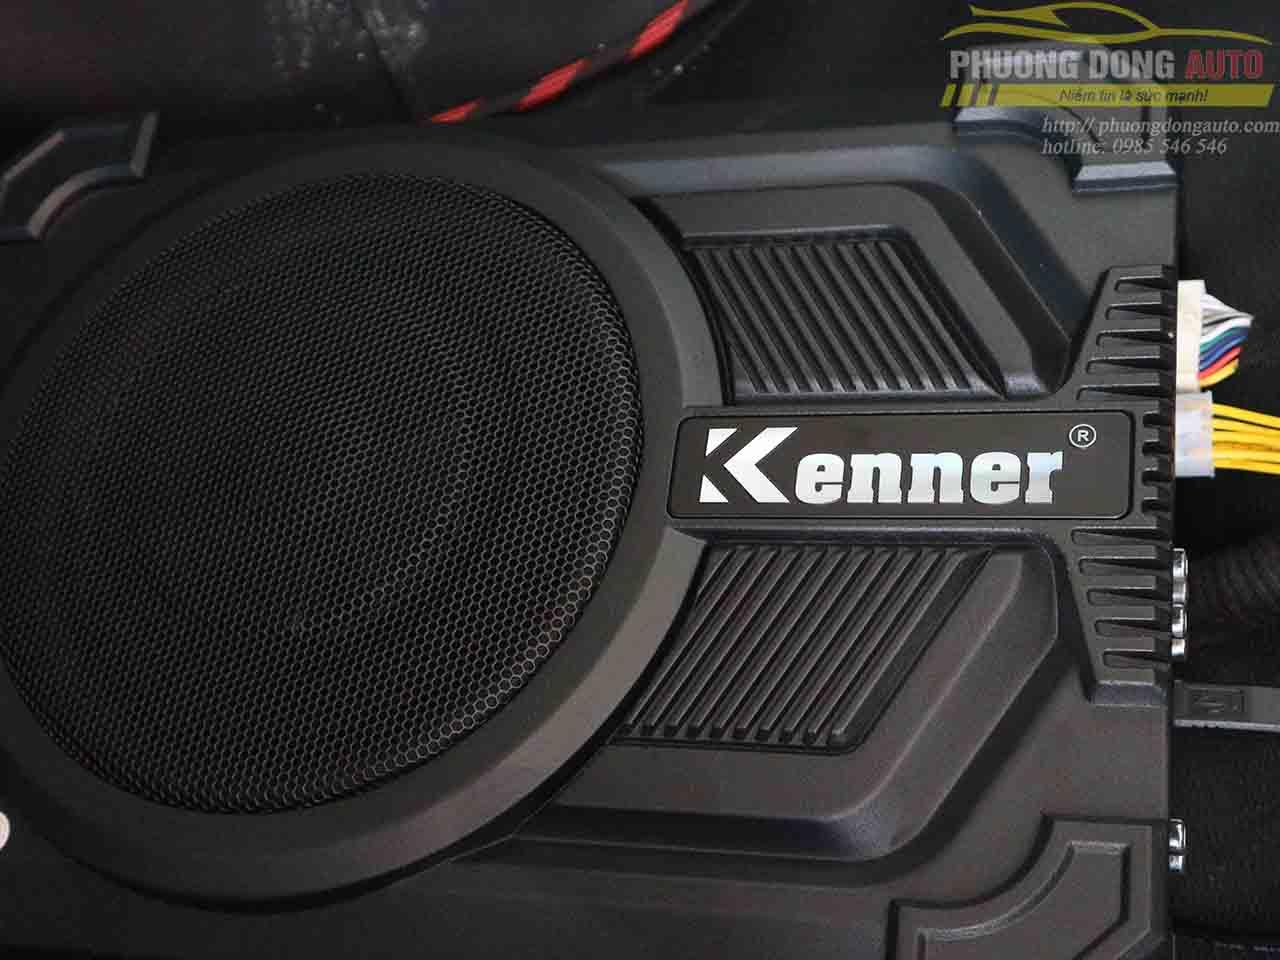 Kenner K8 Super One | Loa Sub Công nghệ Đức